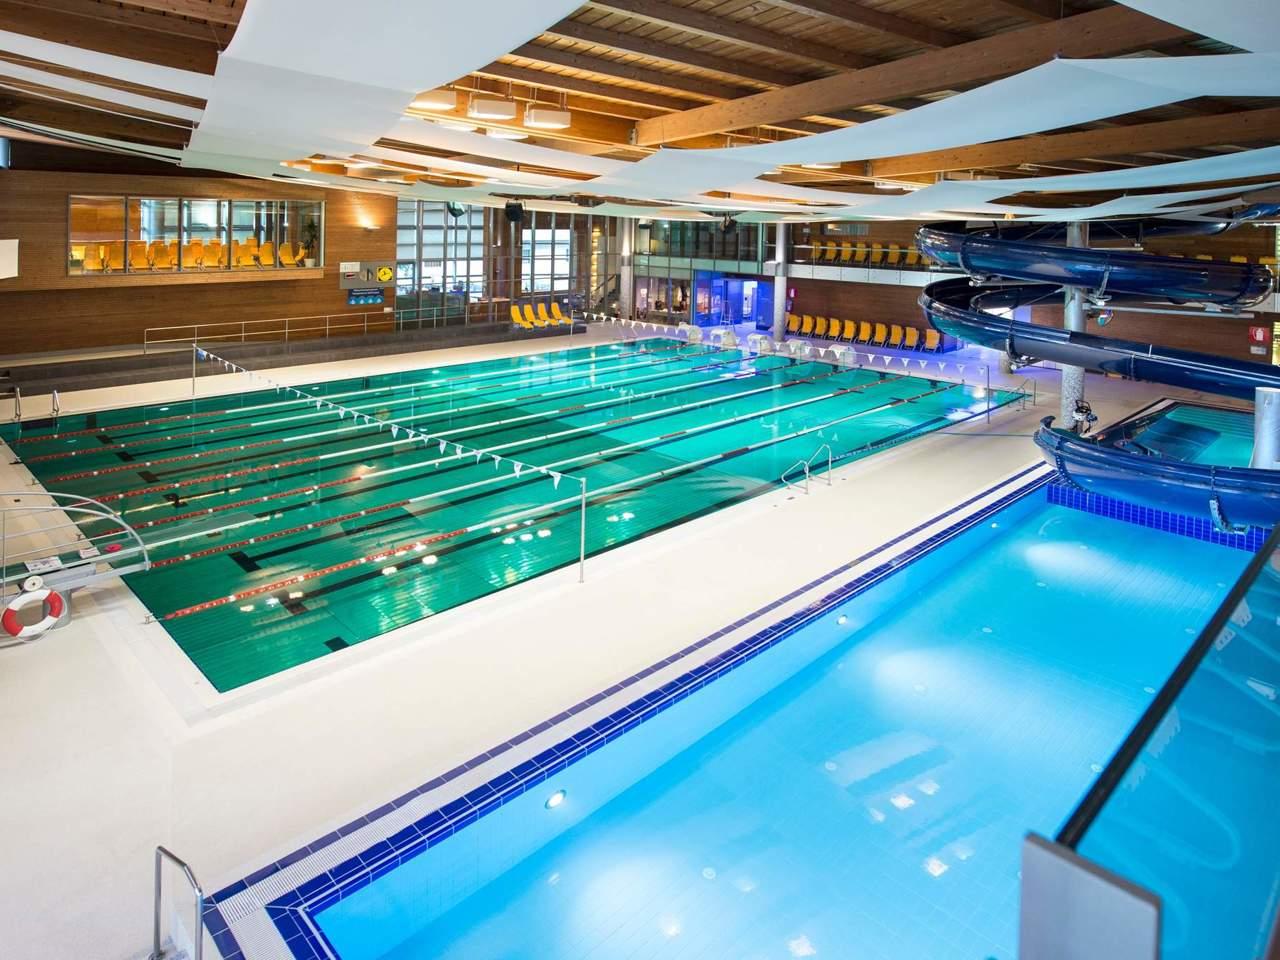 La piscina acquarena di bressanone alto adige - Piscine alto adige ...